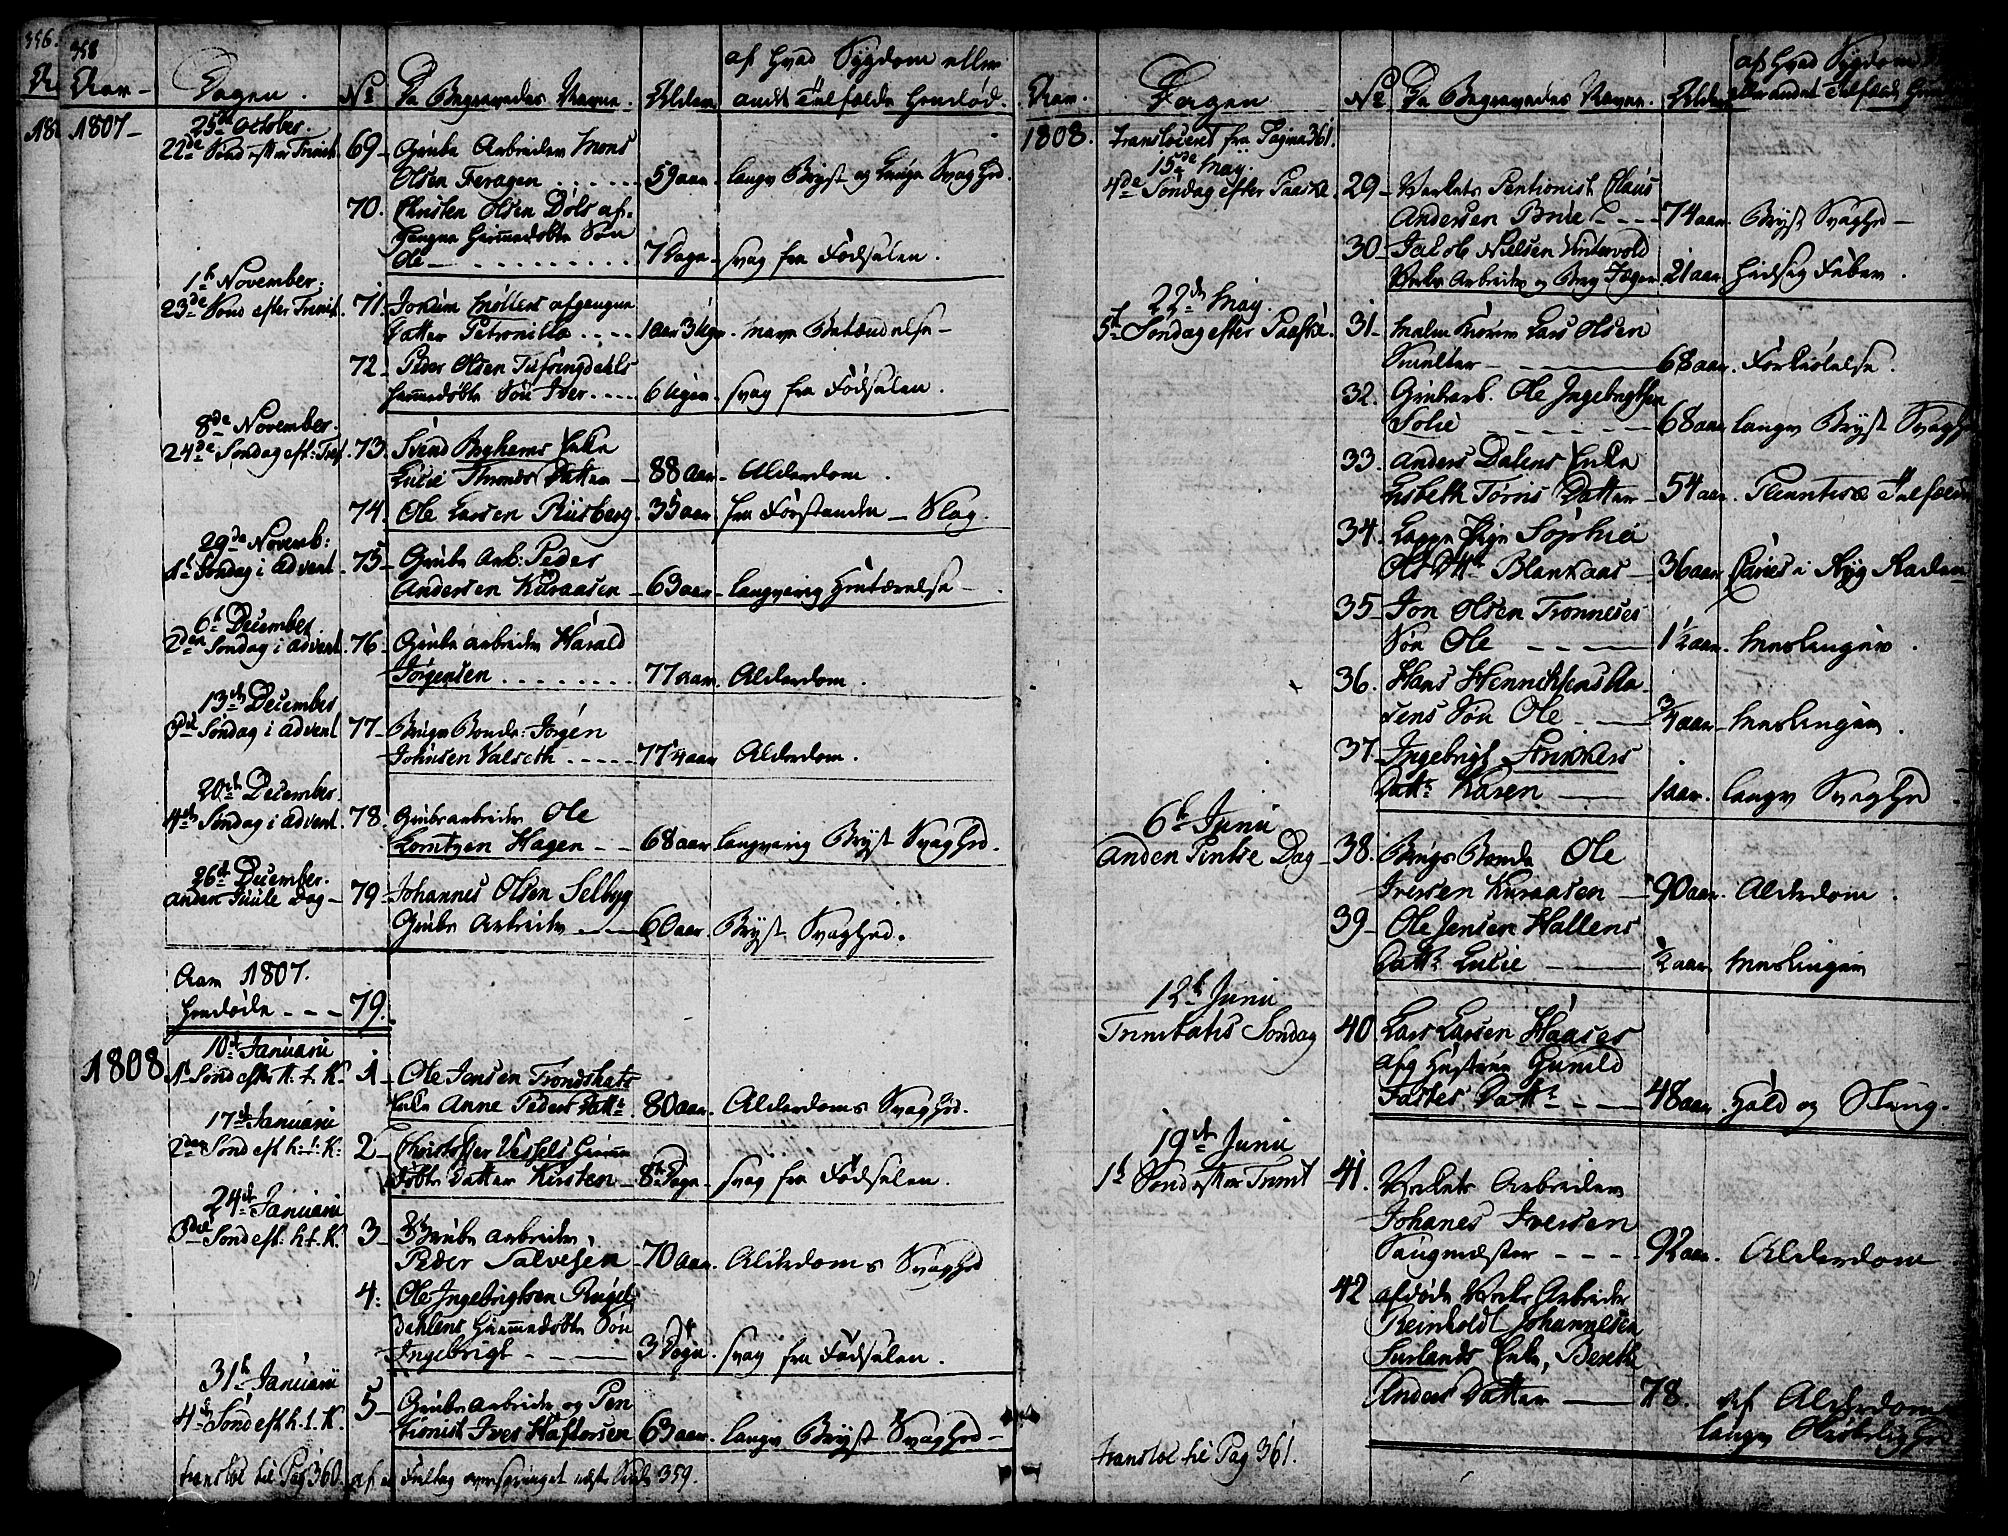 SAT, Ministerialprotokoller, klokkerbøker og fødselsregistre - Sør-Trøndelag, 681/L0928: Ministerialbok nr. 681A06, 1806-1816, s. 358-359